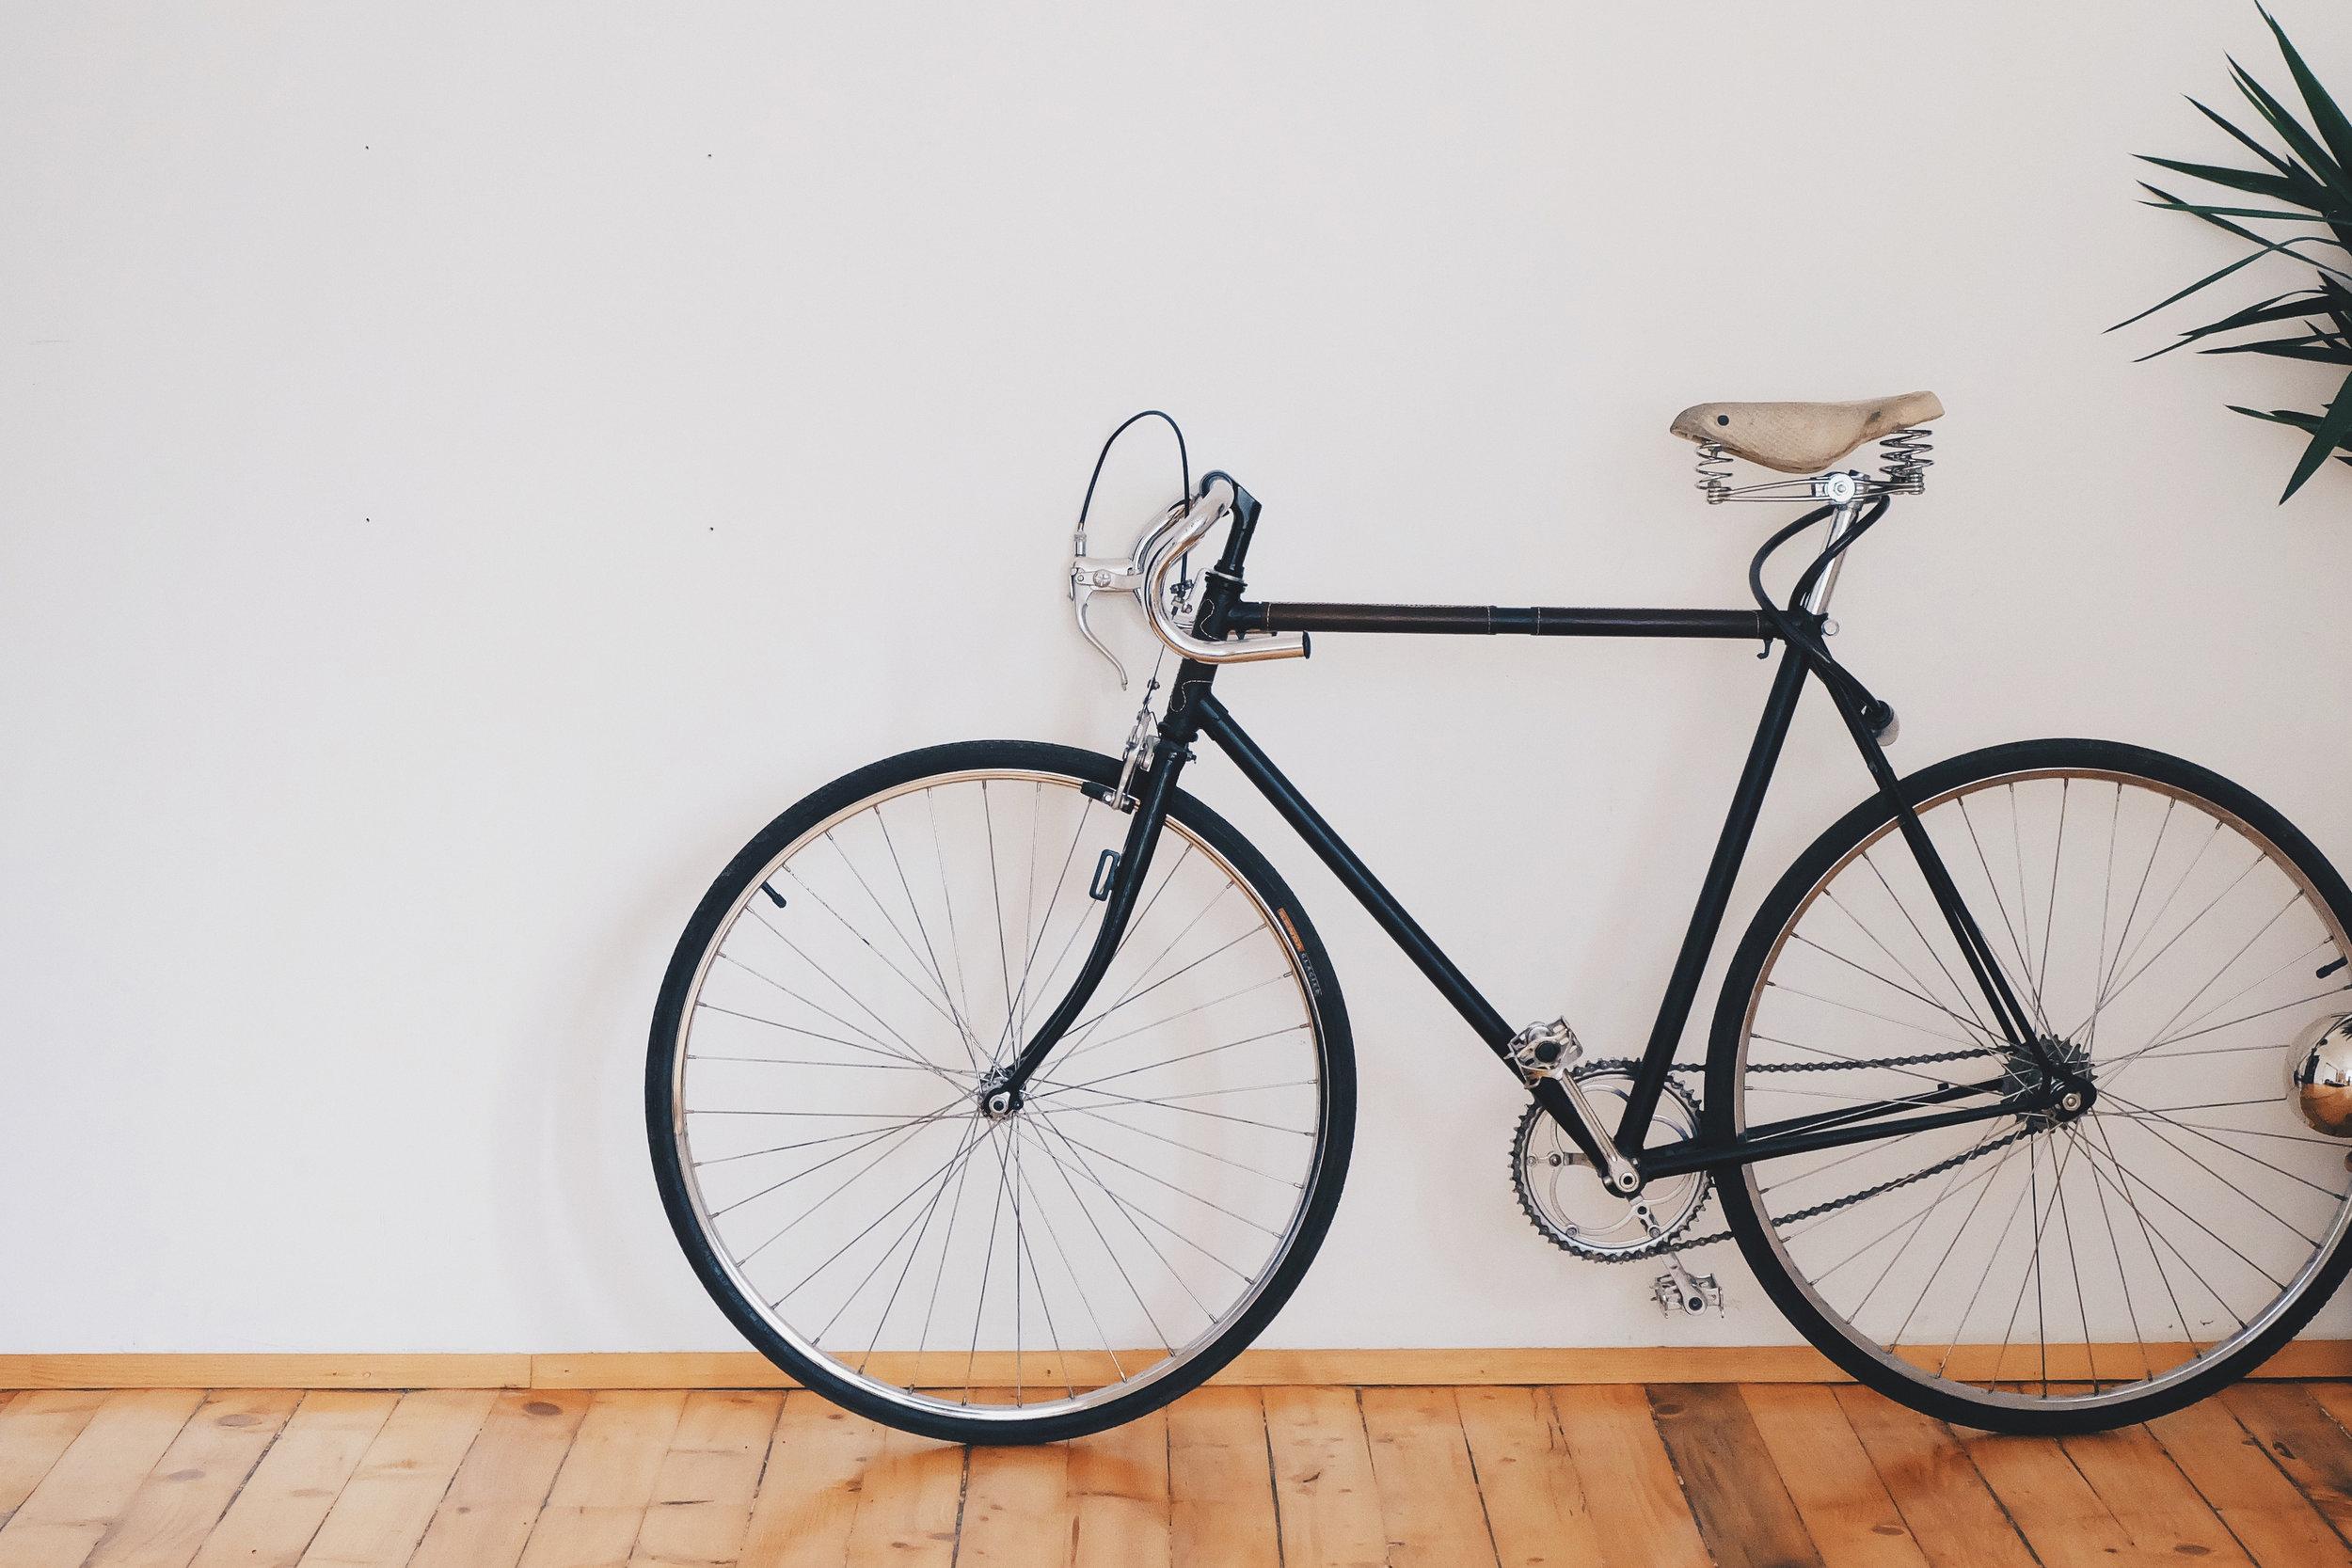 Canva - Bicycle, Road, Bike, Old, Vintage, Retro, Restored.jpg